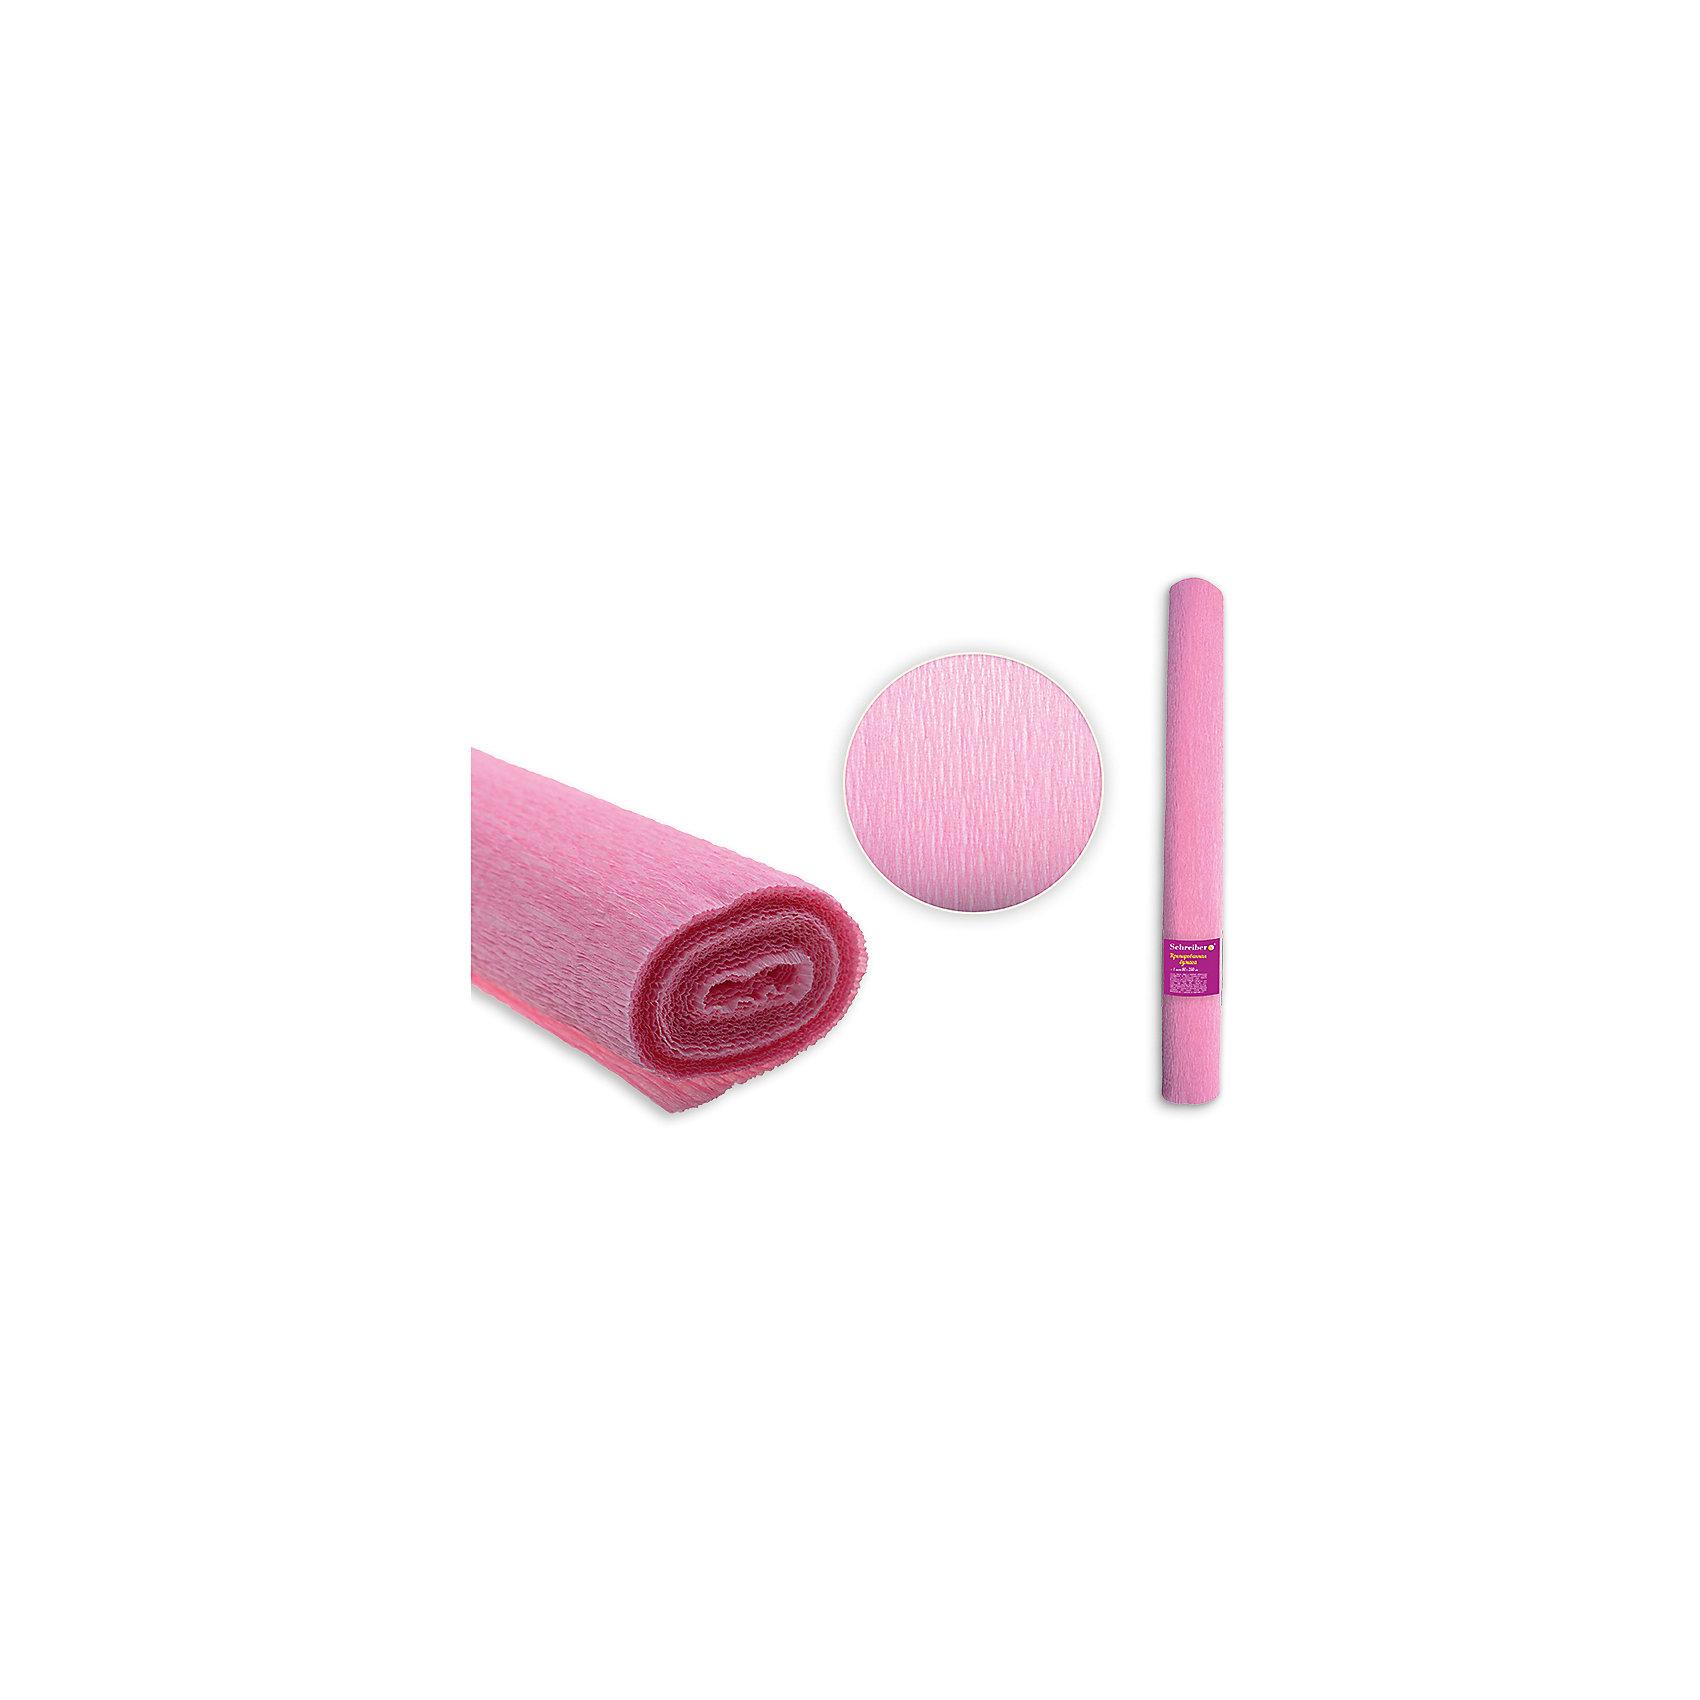 Цветная крепированная бумага 50х250 см, оттенок нежно-розовый